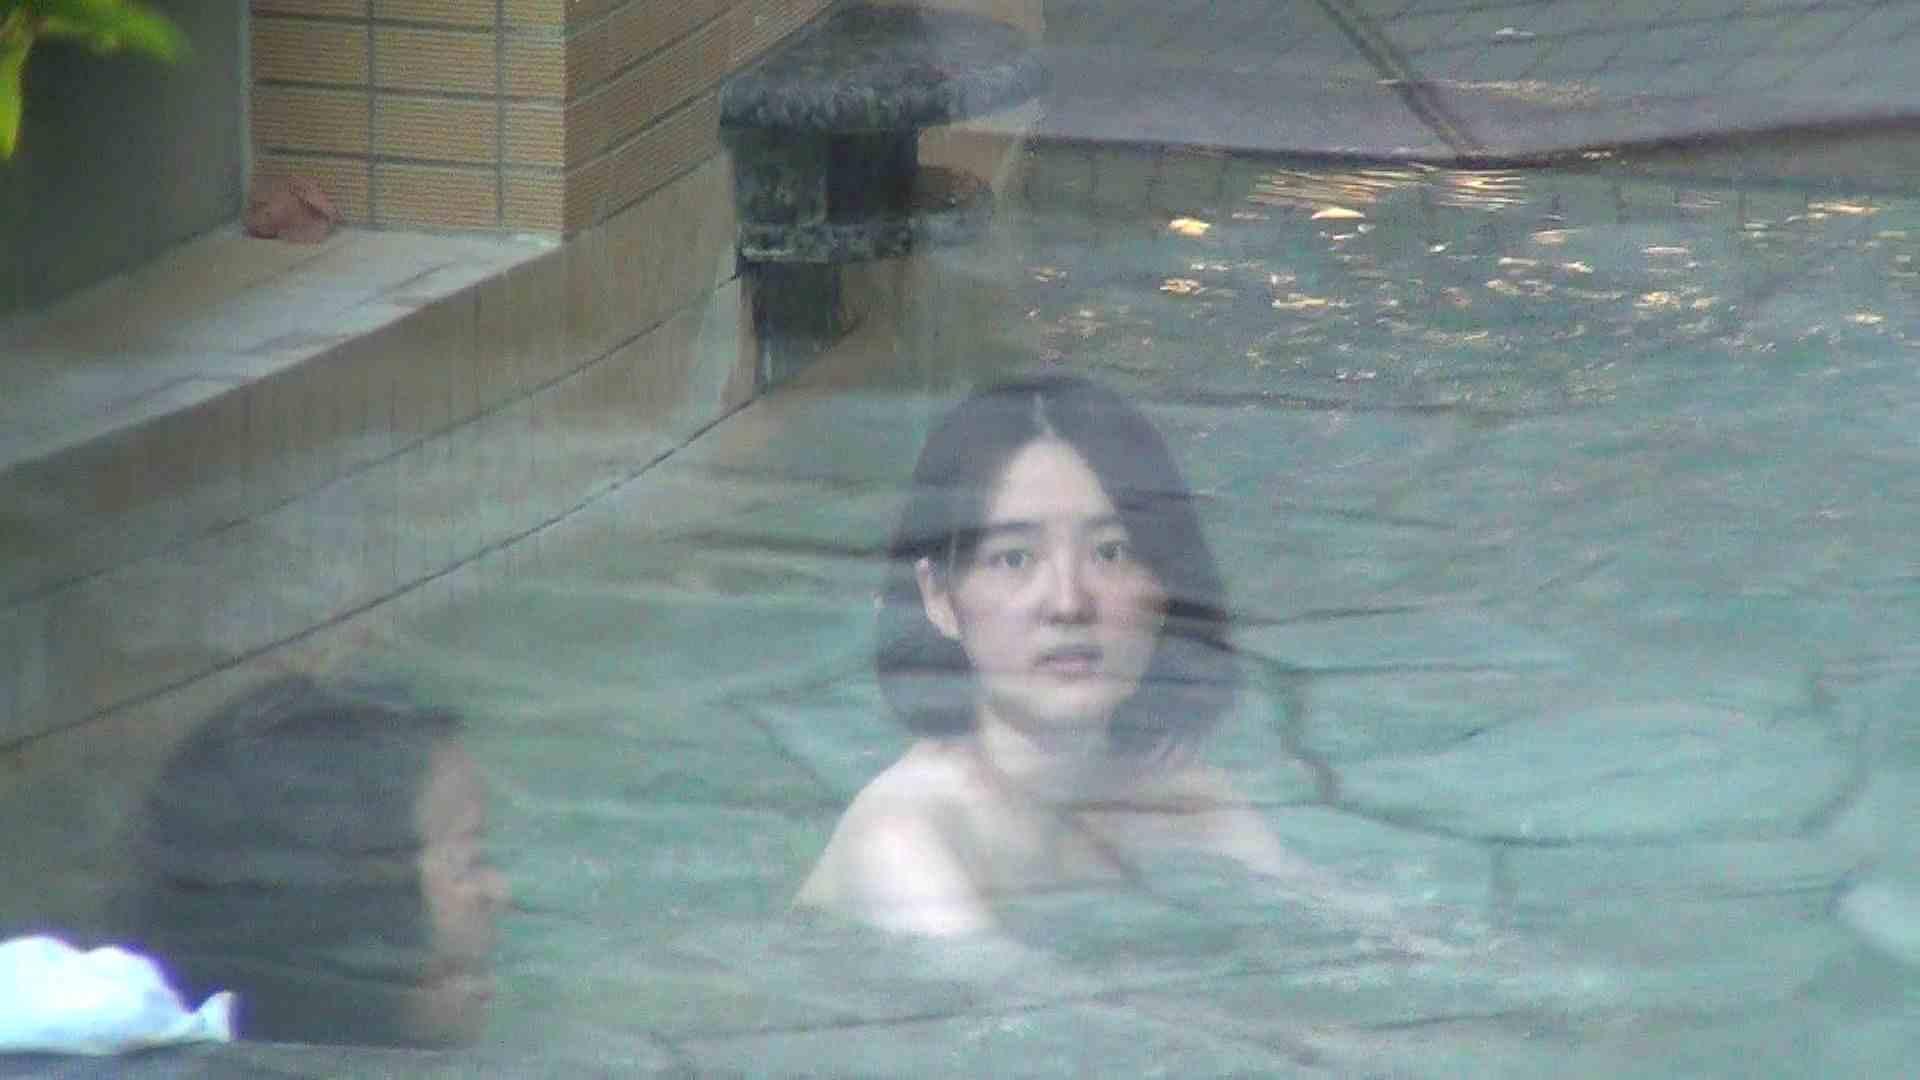 Aquaな露天風呂Vol.297 露天  103画像 81